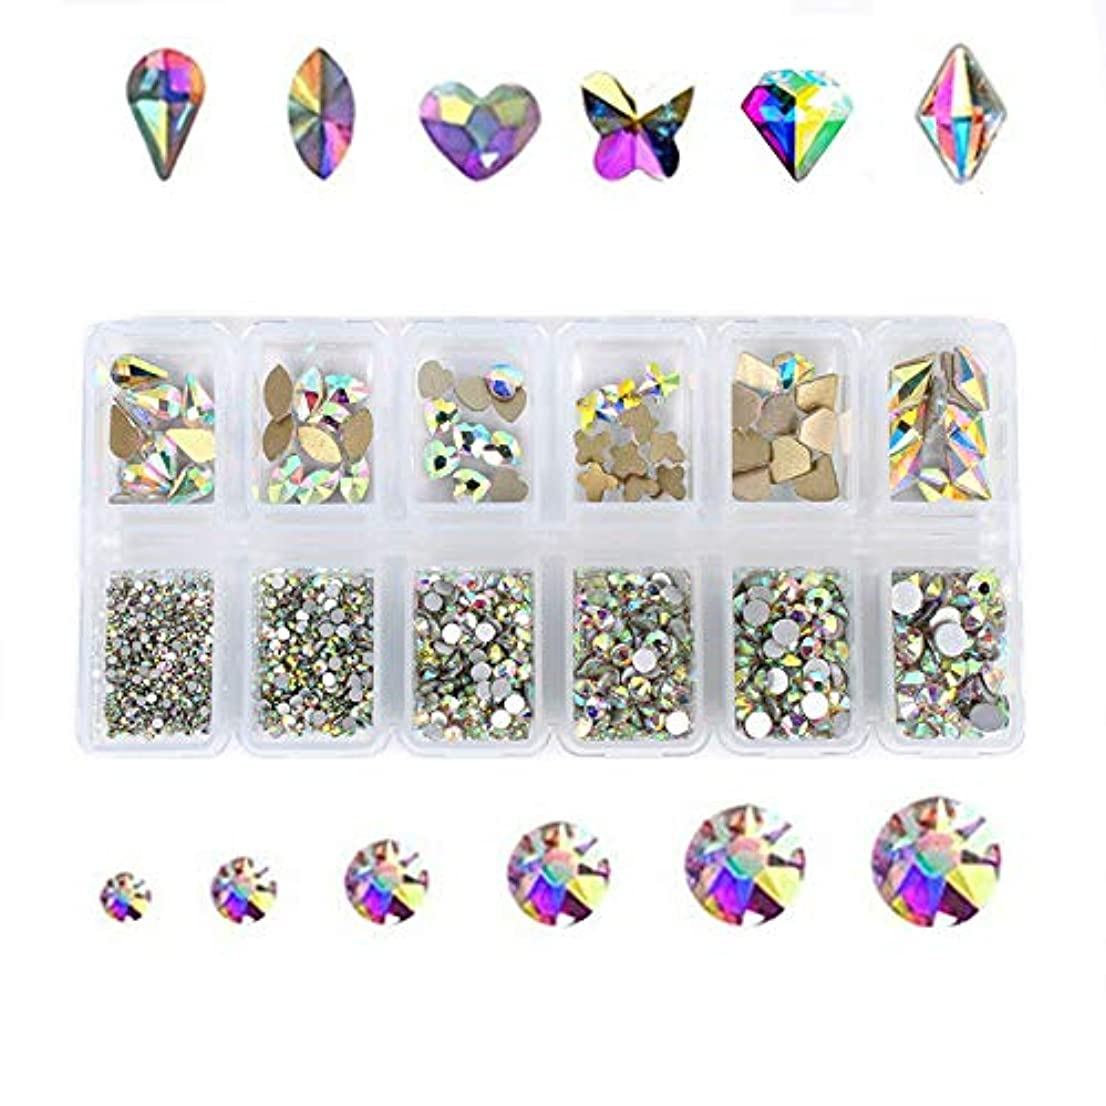 見る人嫉妬自然Kingsie ネイル ラインストーン AB色 ガラス製 ファットバック クリスタル 3dネイルパーツ デコ素材 大粒 小粒 ミックスサイズ&形状 ケース入り